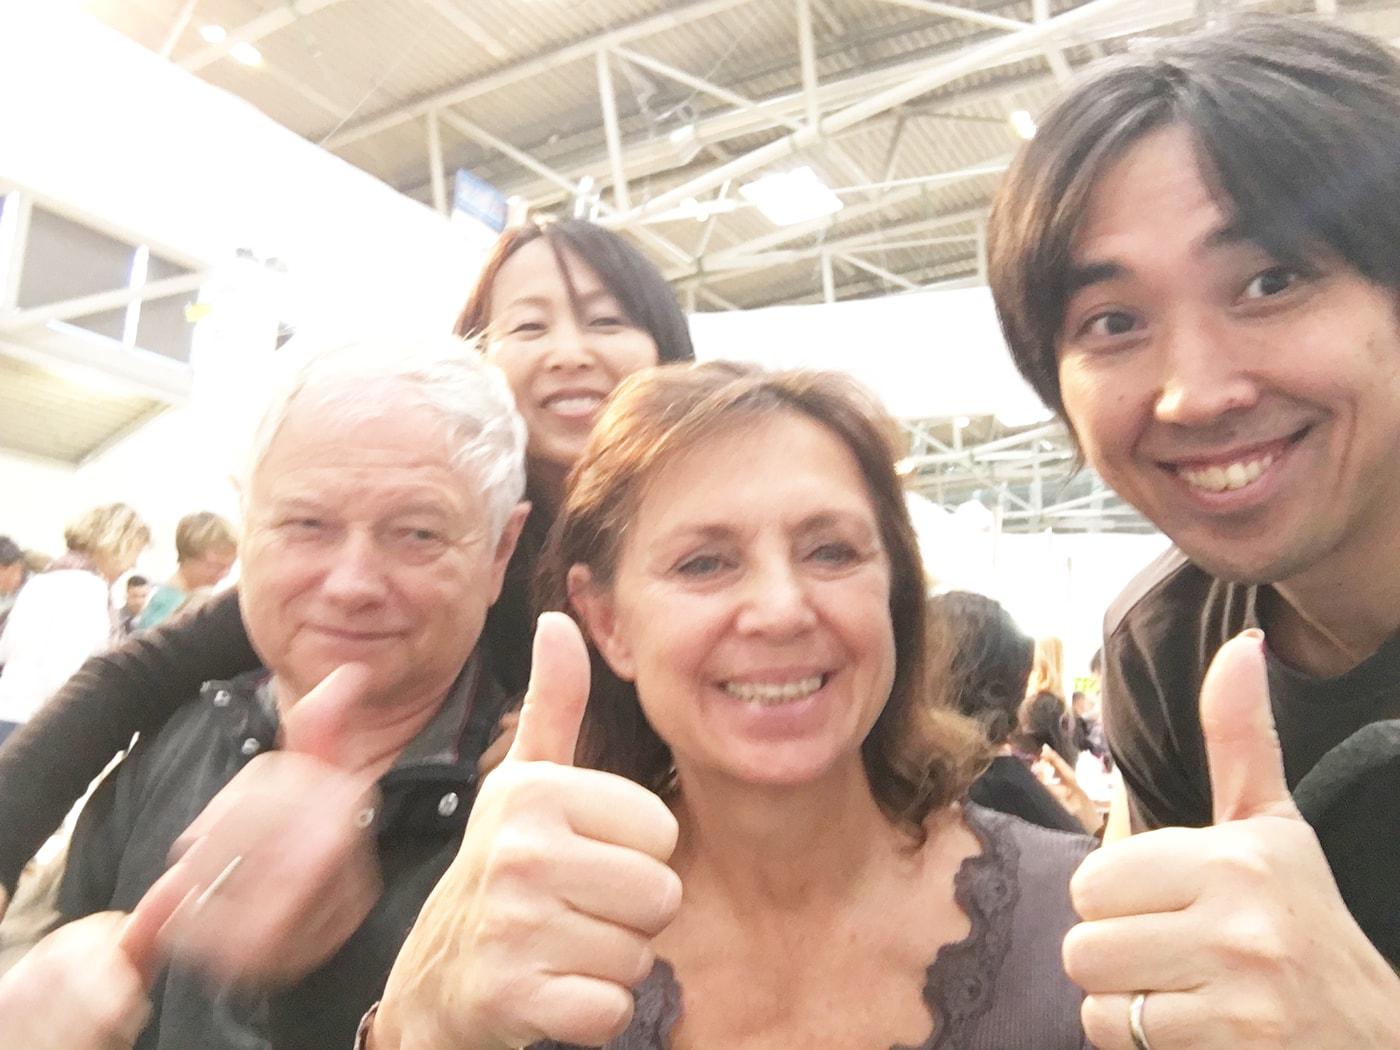 リラクセンス体験後のドイツ人夫妻と共に